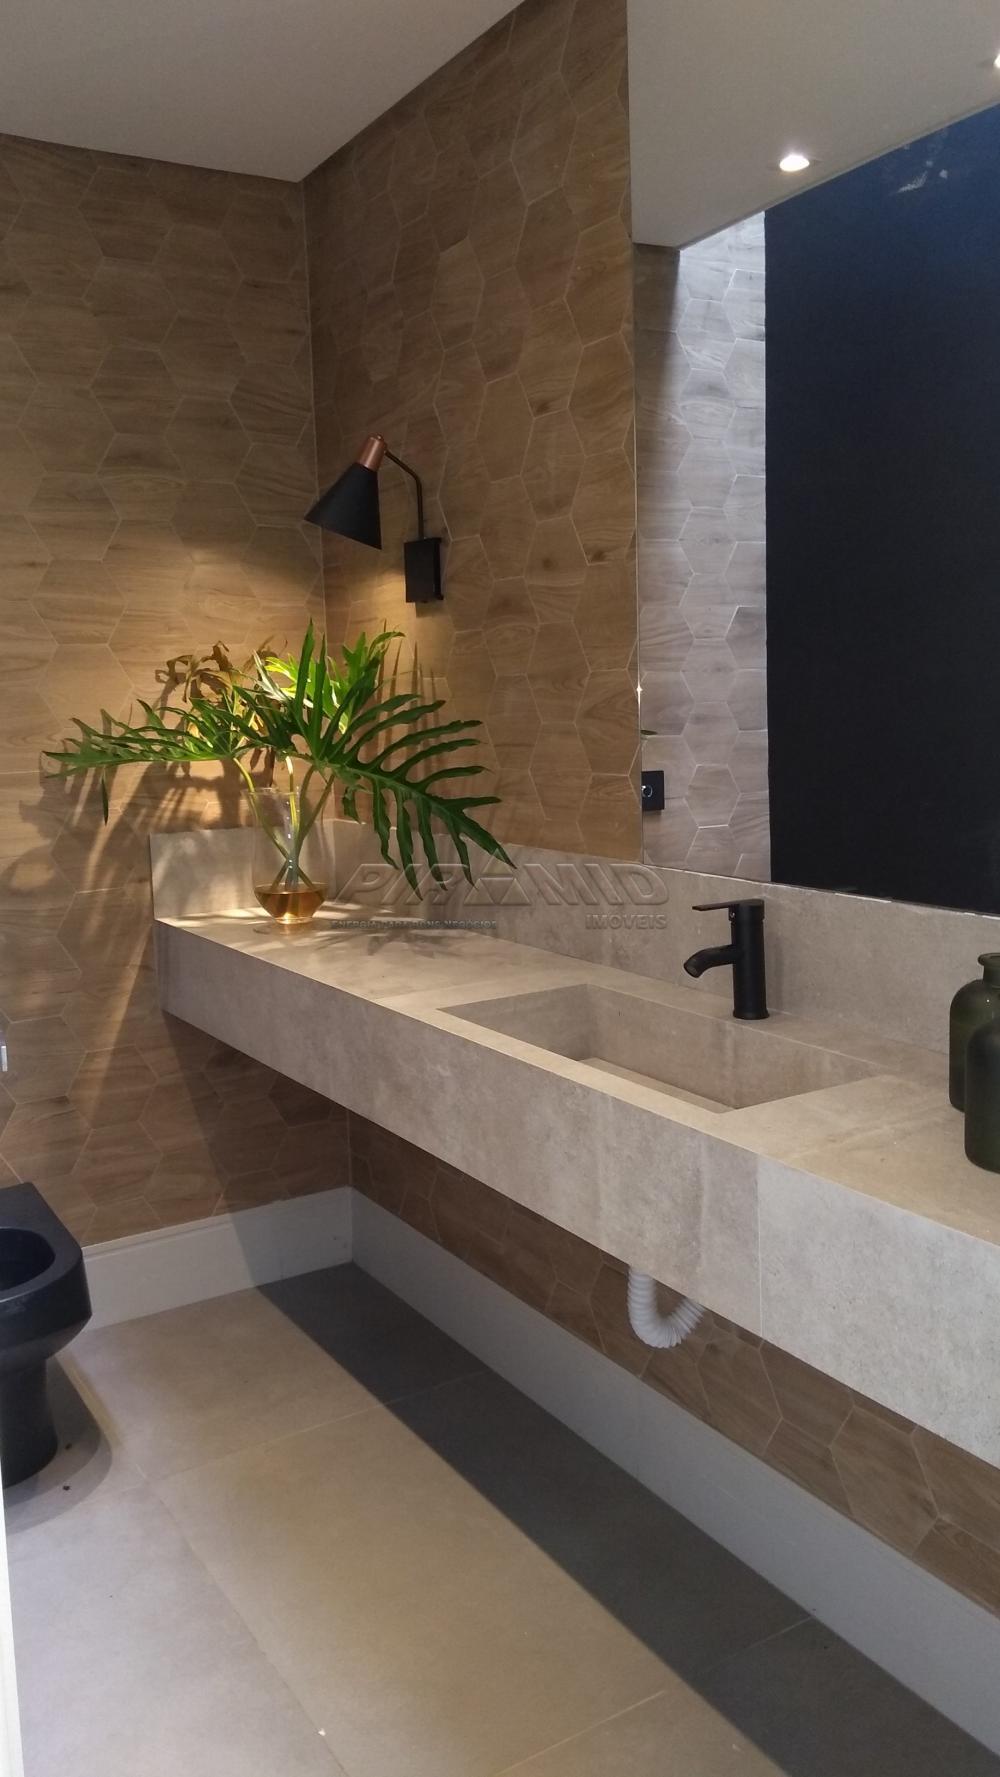 Comprar Casa / Condomínio em Ribeirão Preto apenas R$ 1.270.000,00 - Foto 6